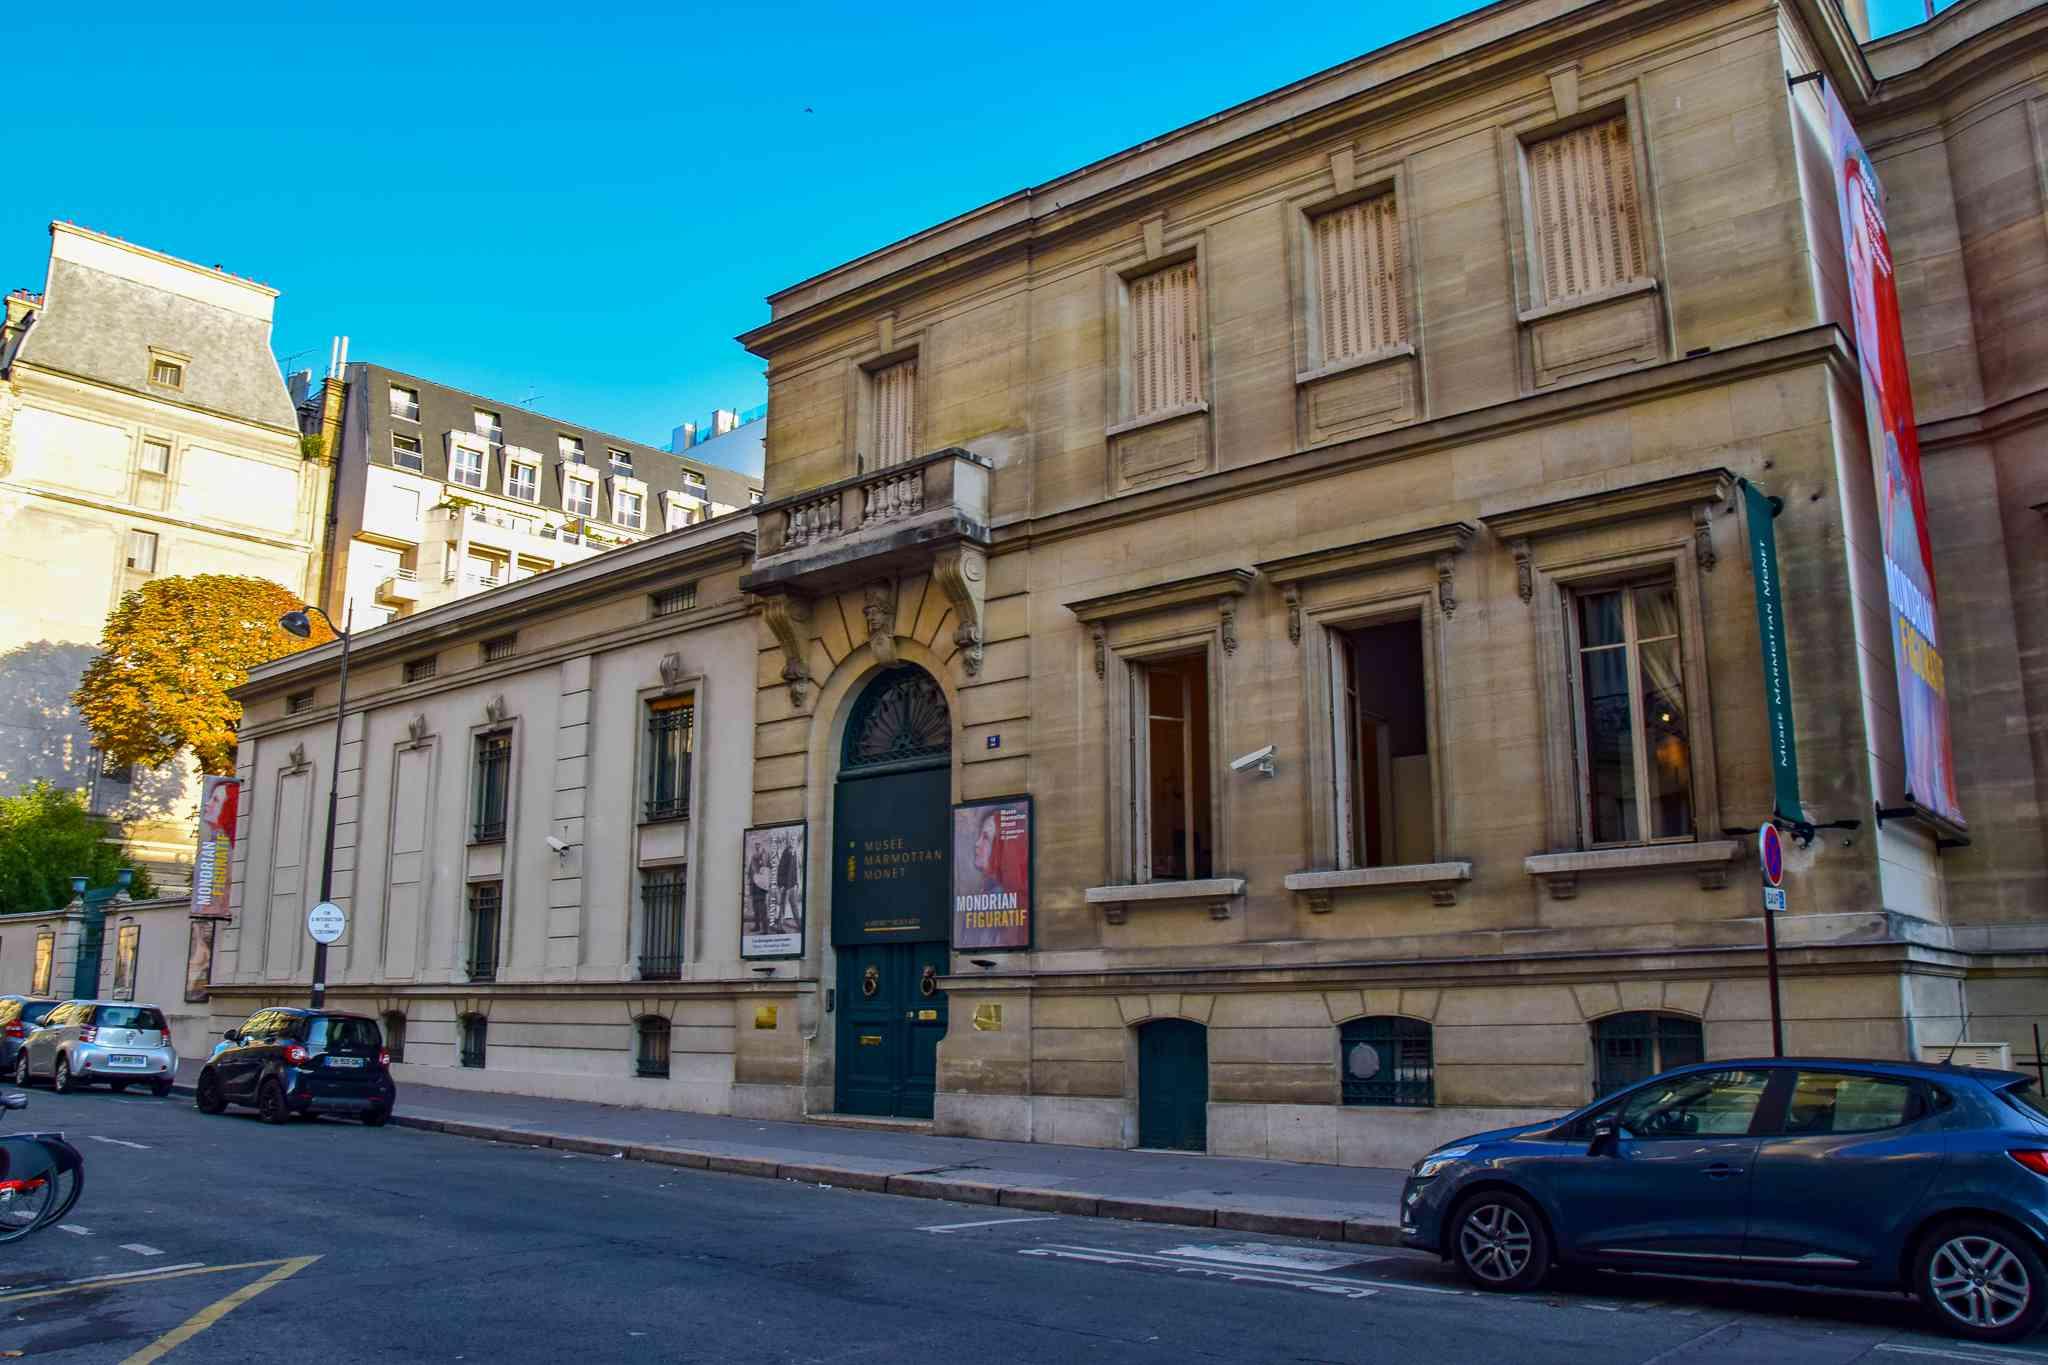 Marmottan-Monet Museum in Paris